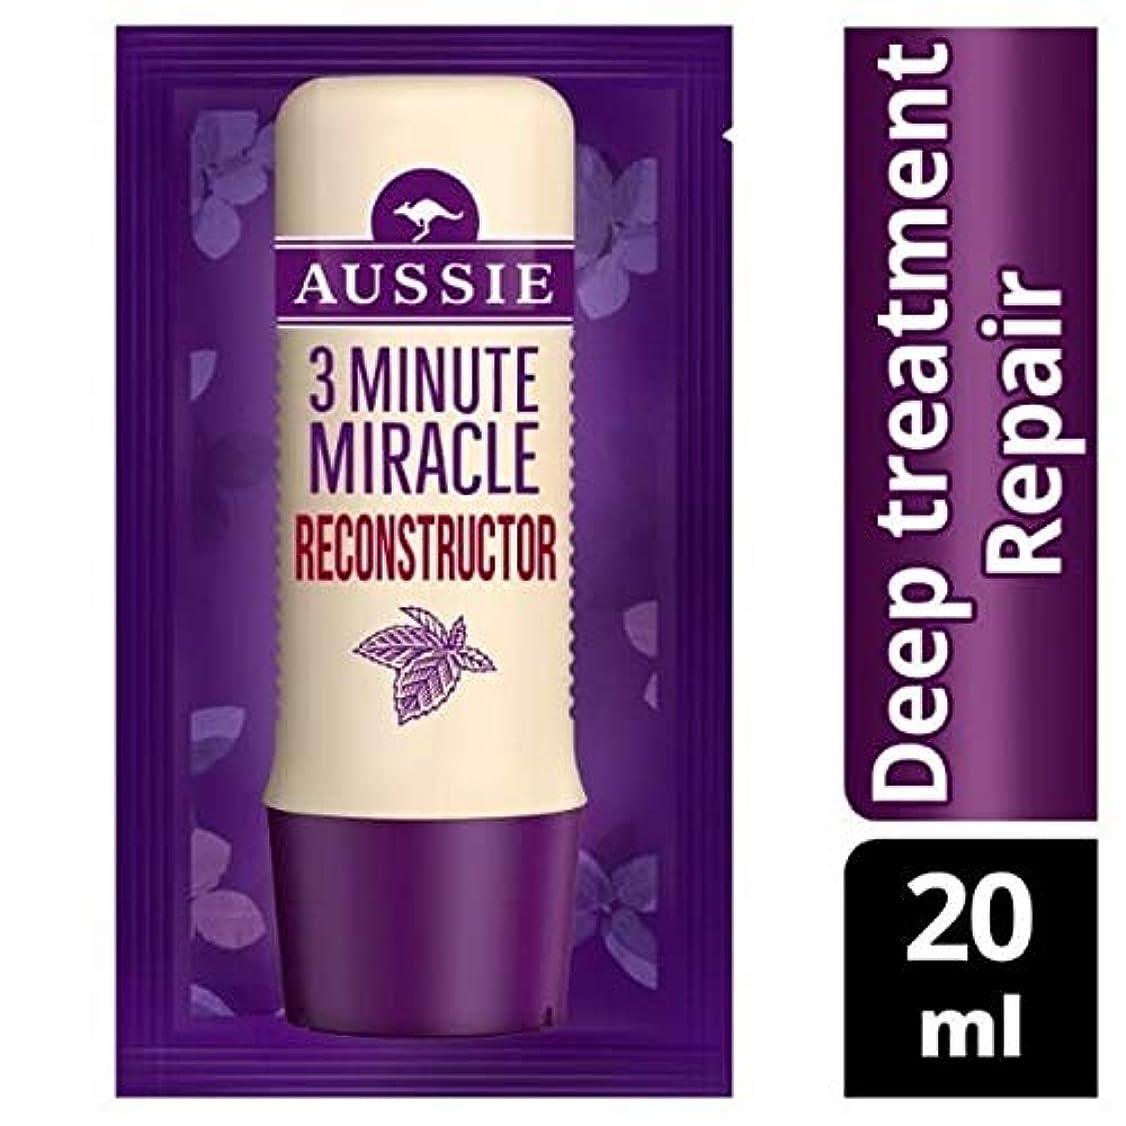 爵食事を調理する先例[Aussie ] オーストラリアの深い治療3分の奇跡の再構成の20ミリリットル - Aussie Deep Treatment 3 Minute Miracle Reconstructor 20ml [並行輸入品]